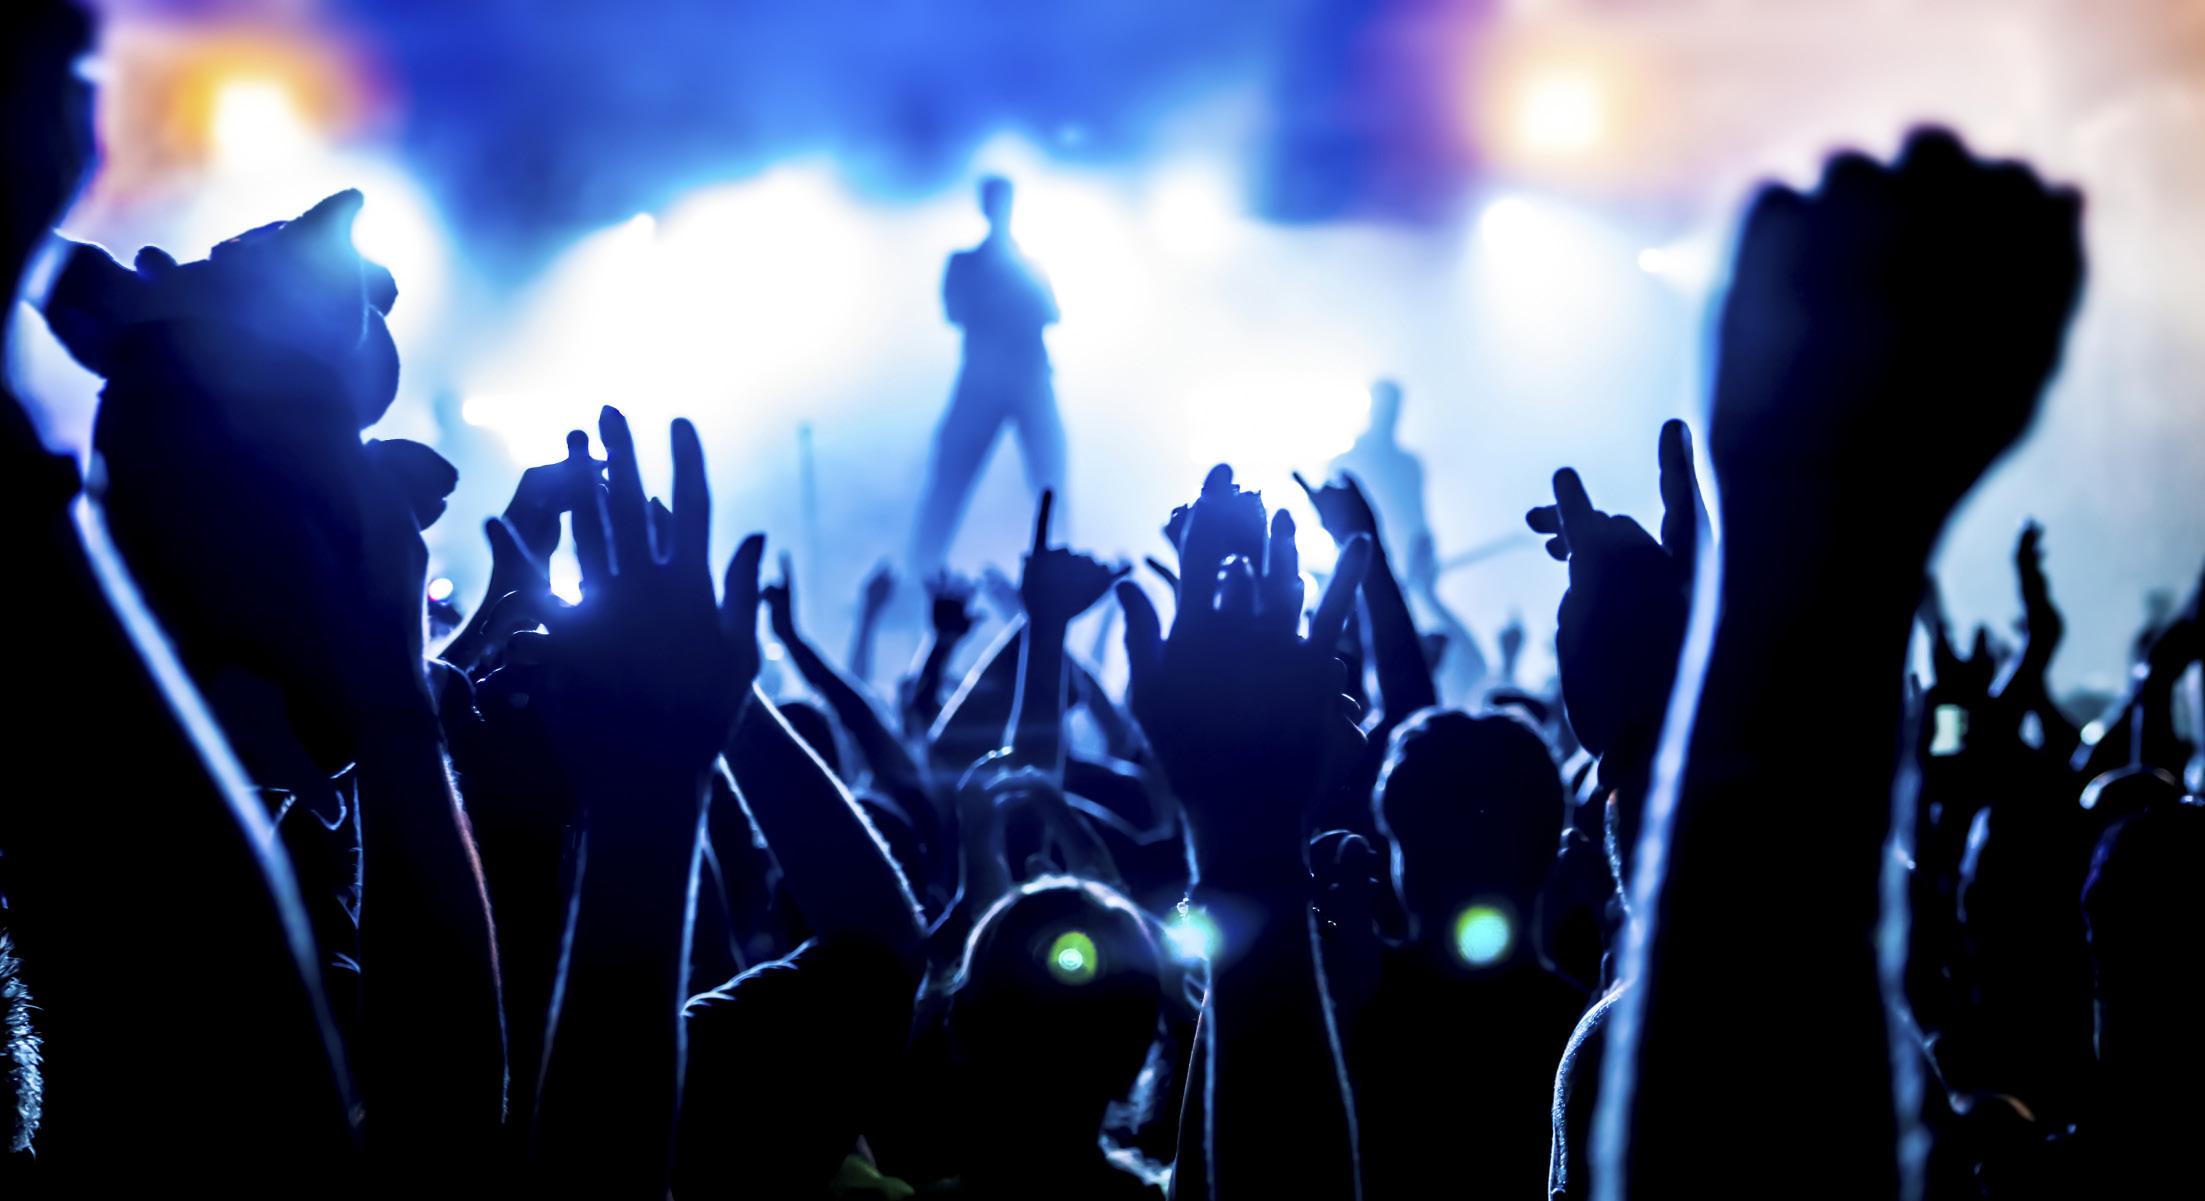 concert-hands-1526227579.jpg